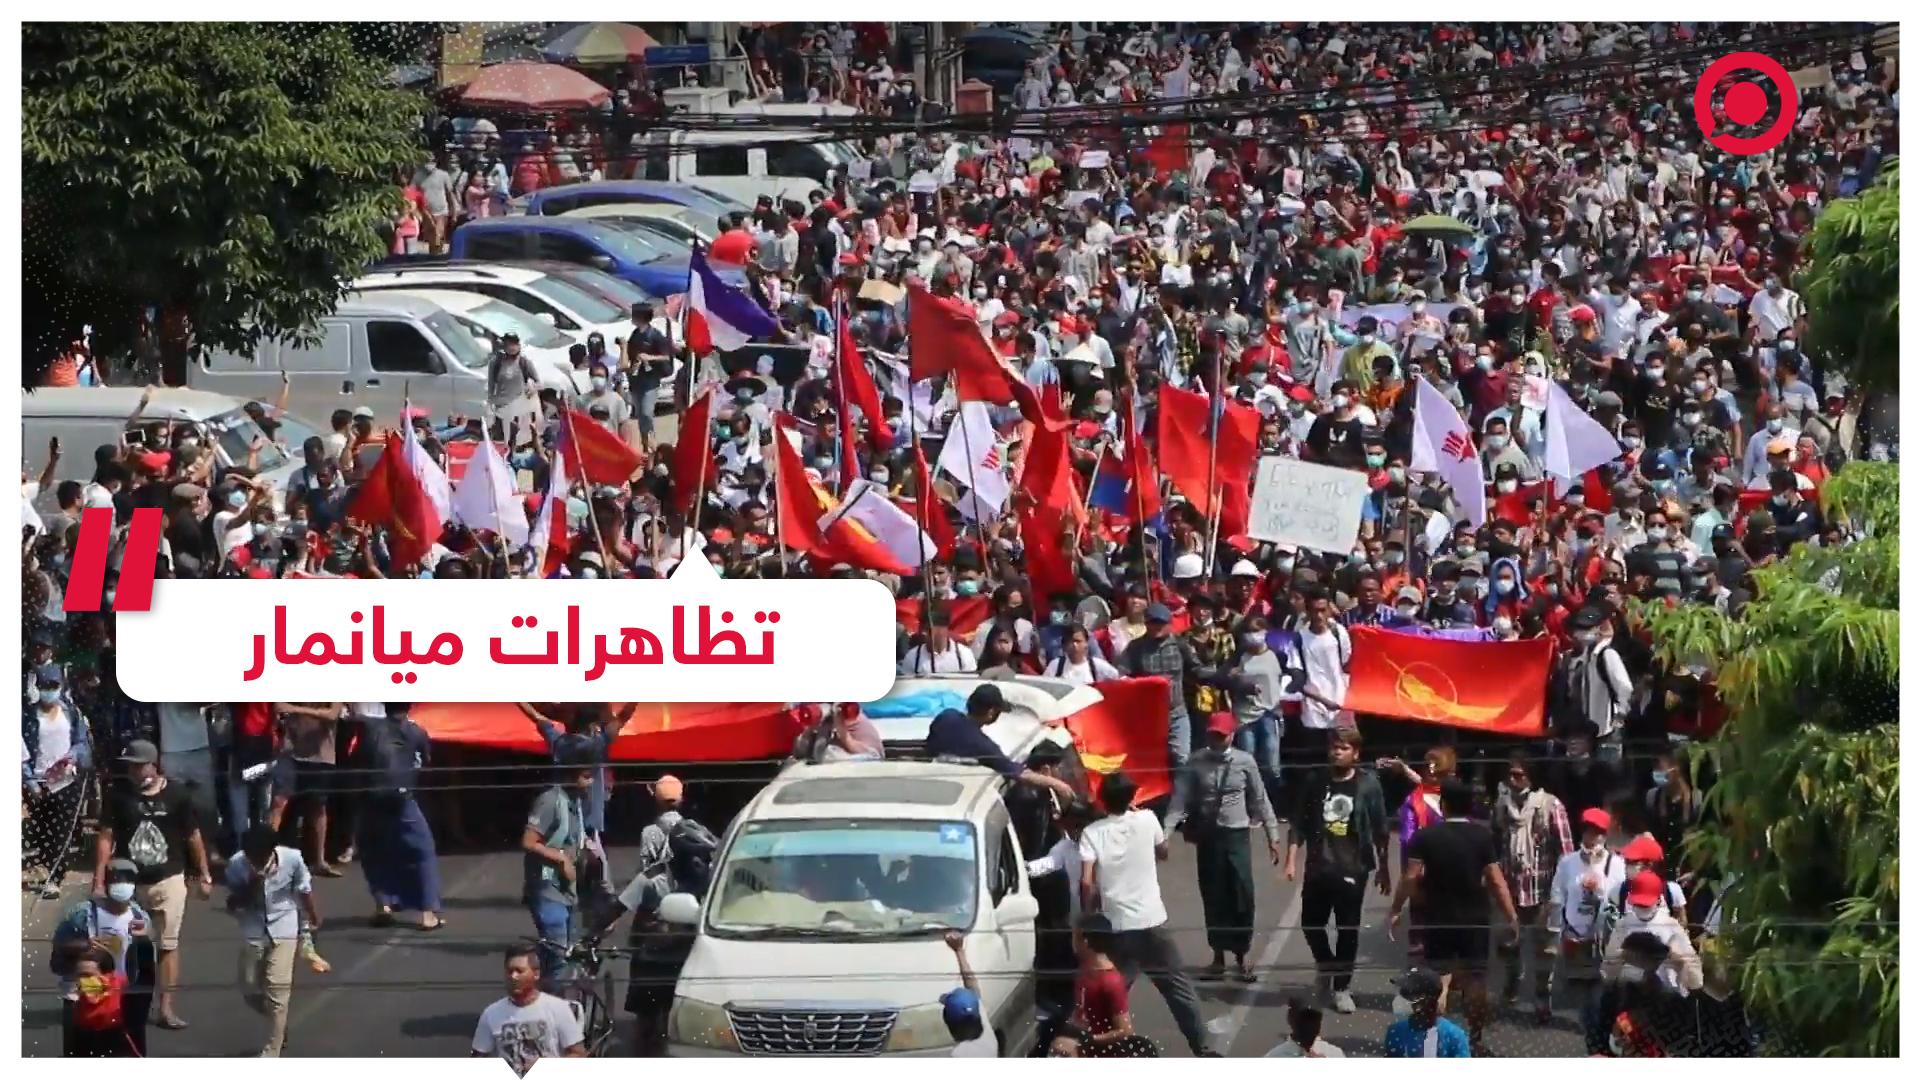 تظاهرات مستمرة في ميانمار رفضا للانقلاب العسكري